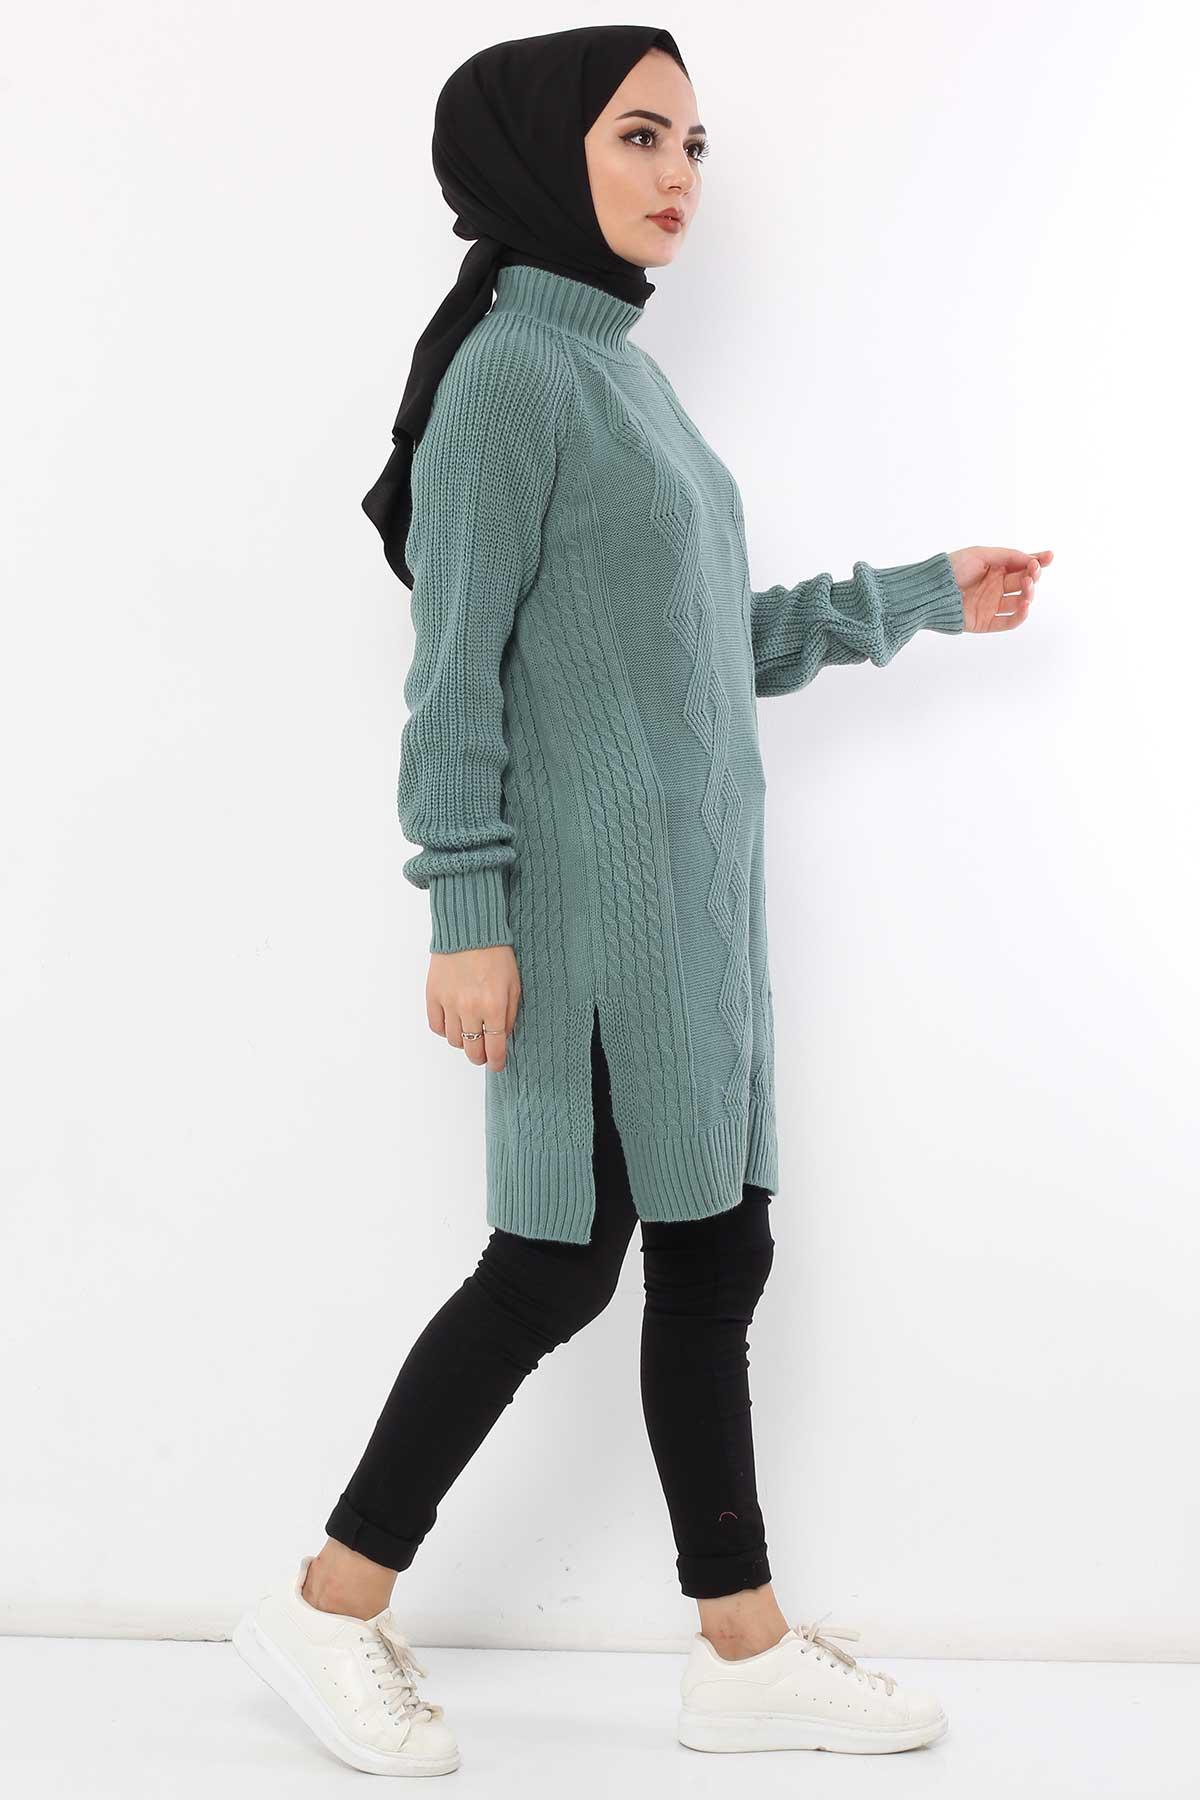 Knitting Sweater TSD3648 Mint